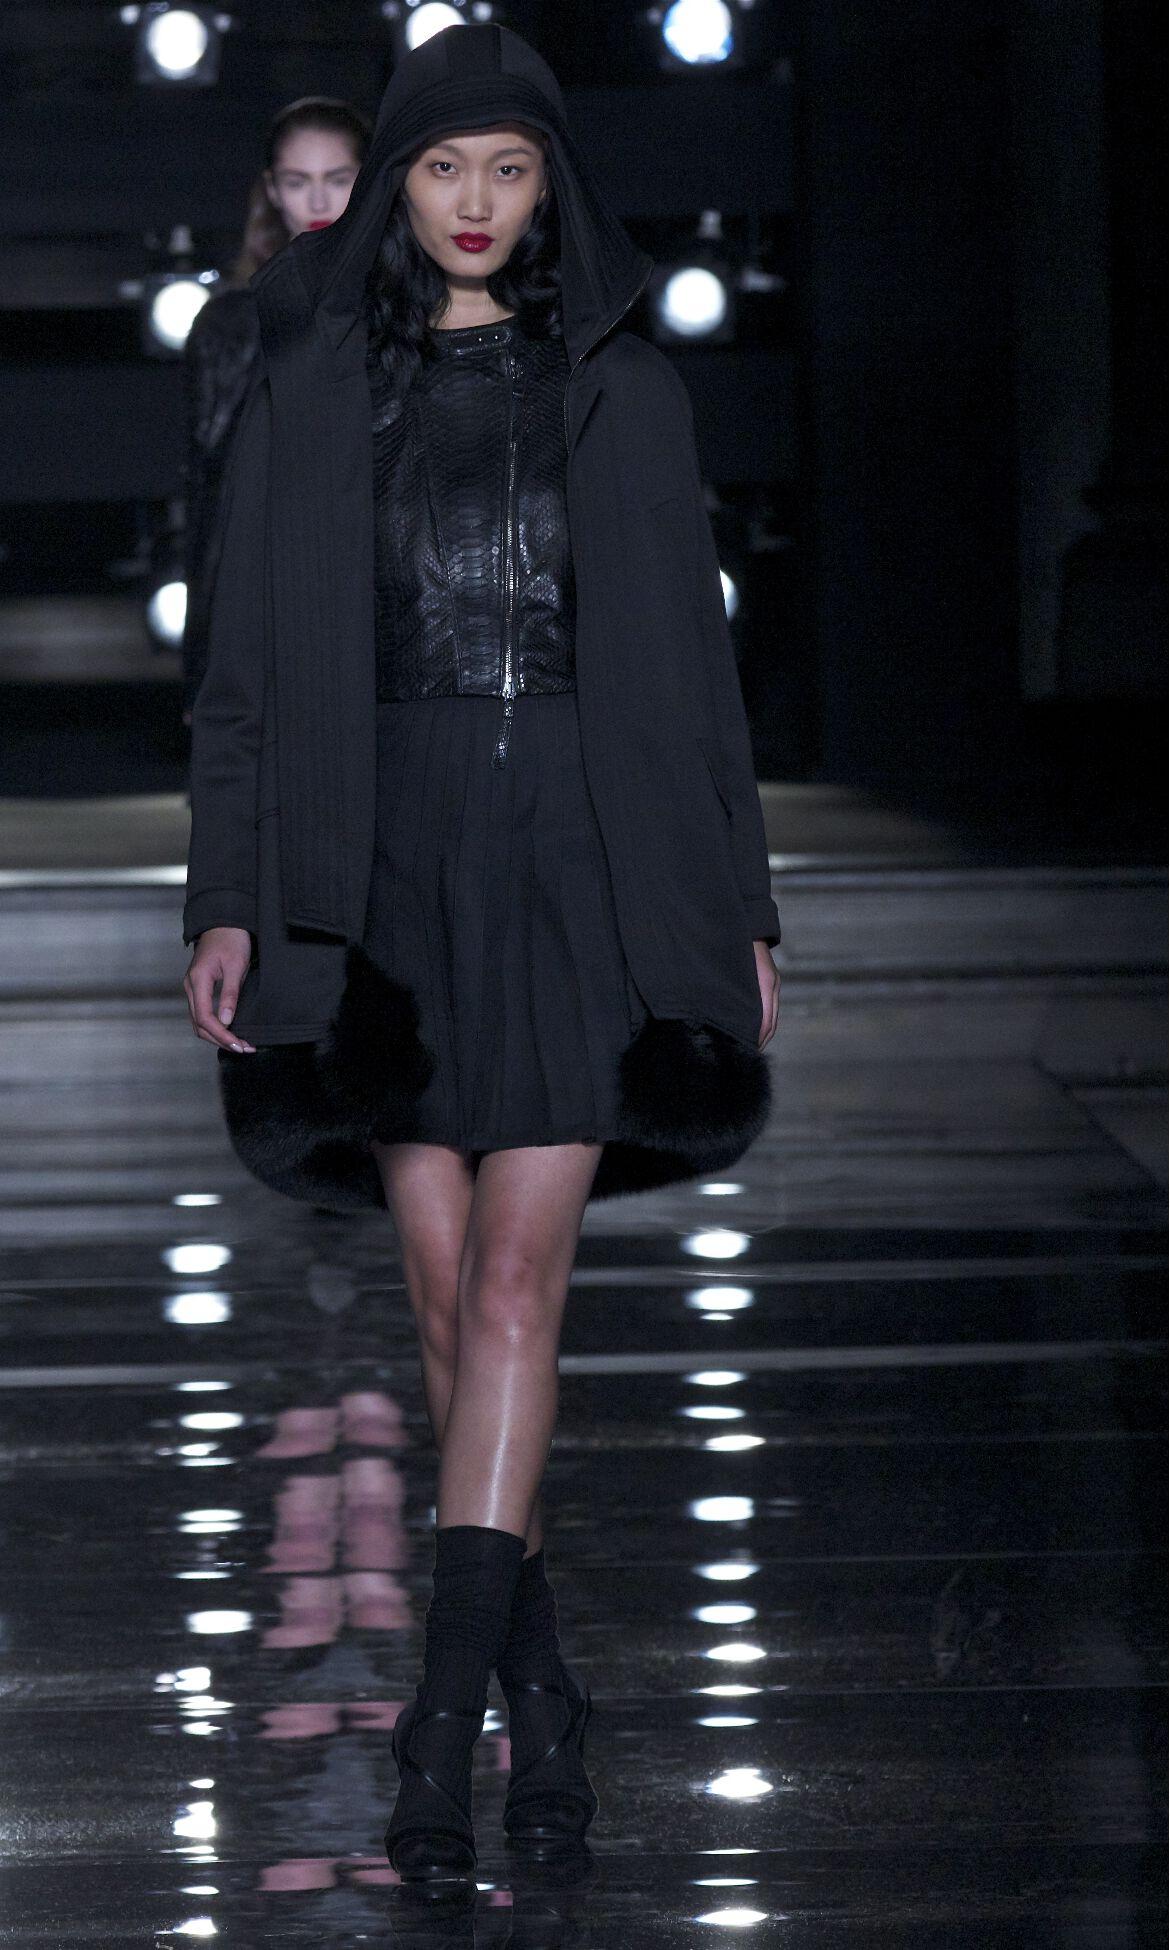 Catwalk Ermanno Scervino Fashion Show Winter 2013 2014 Pre Collection